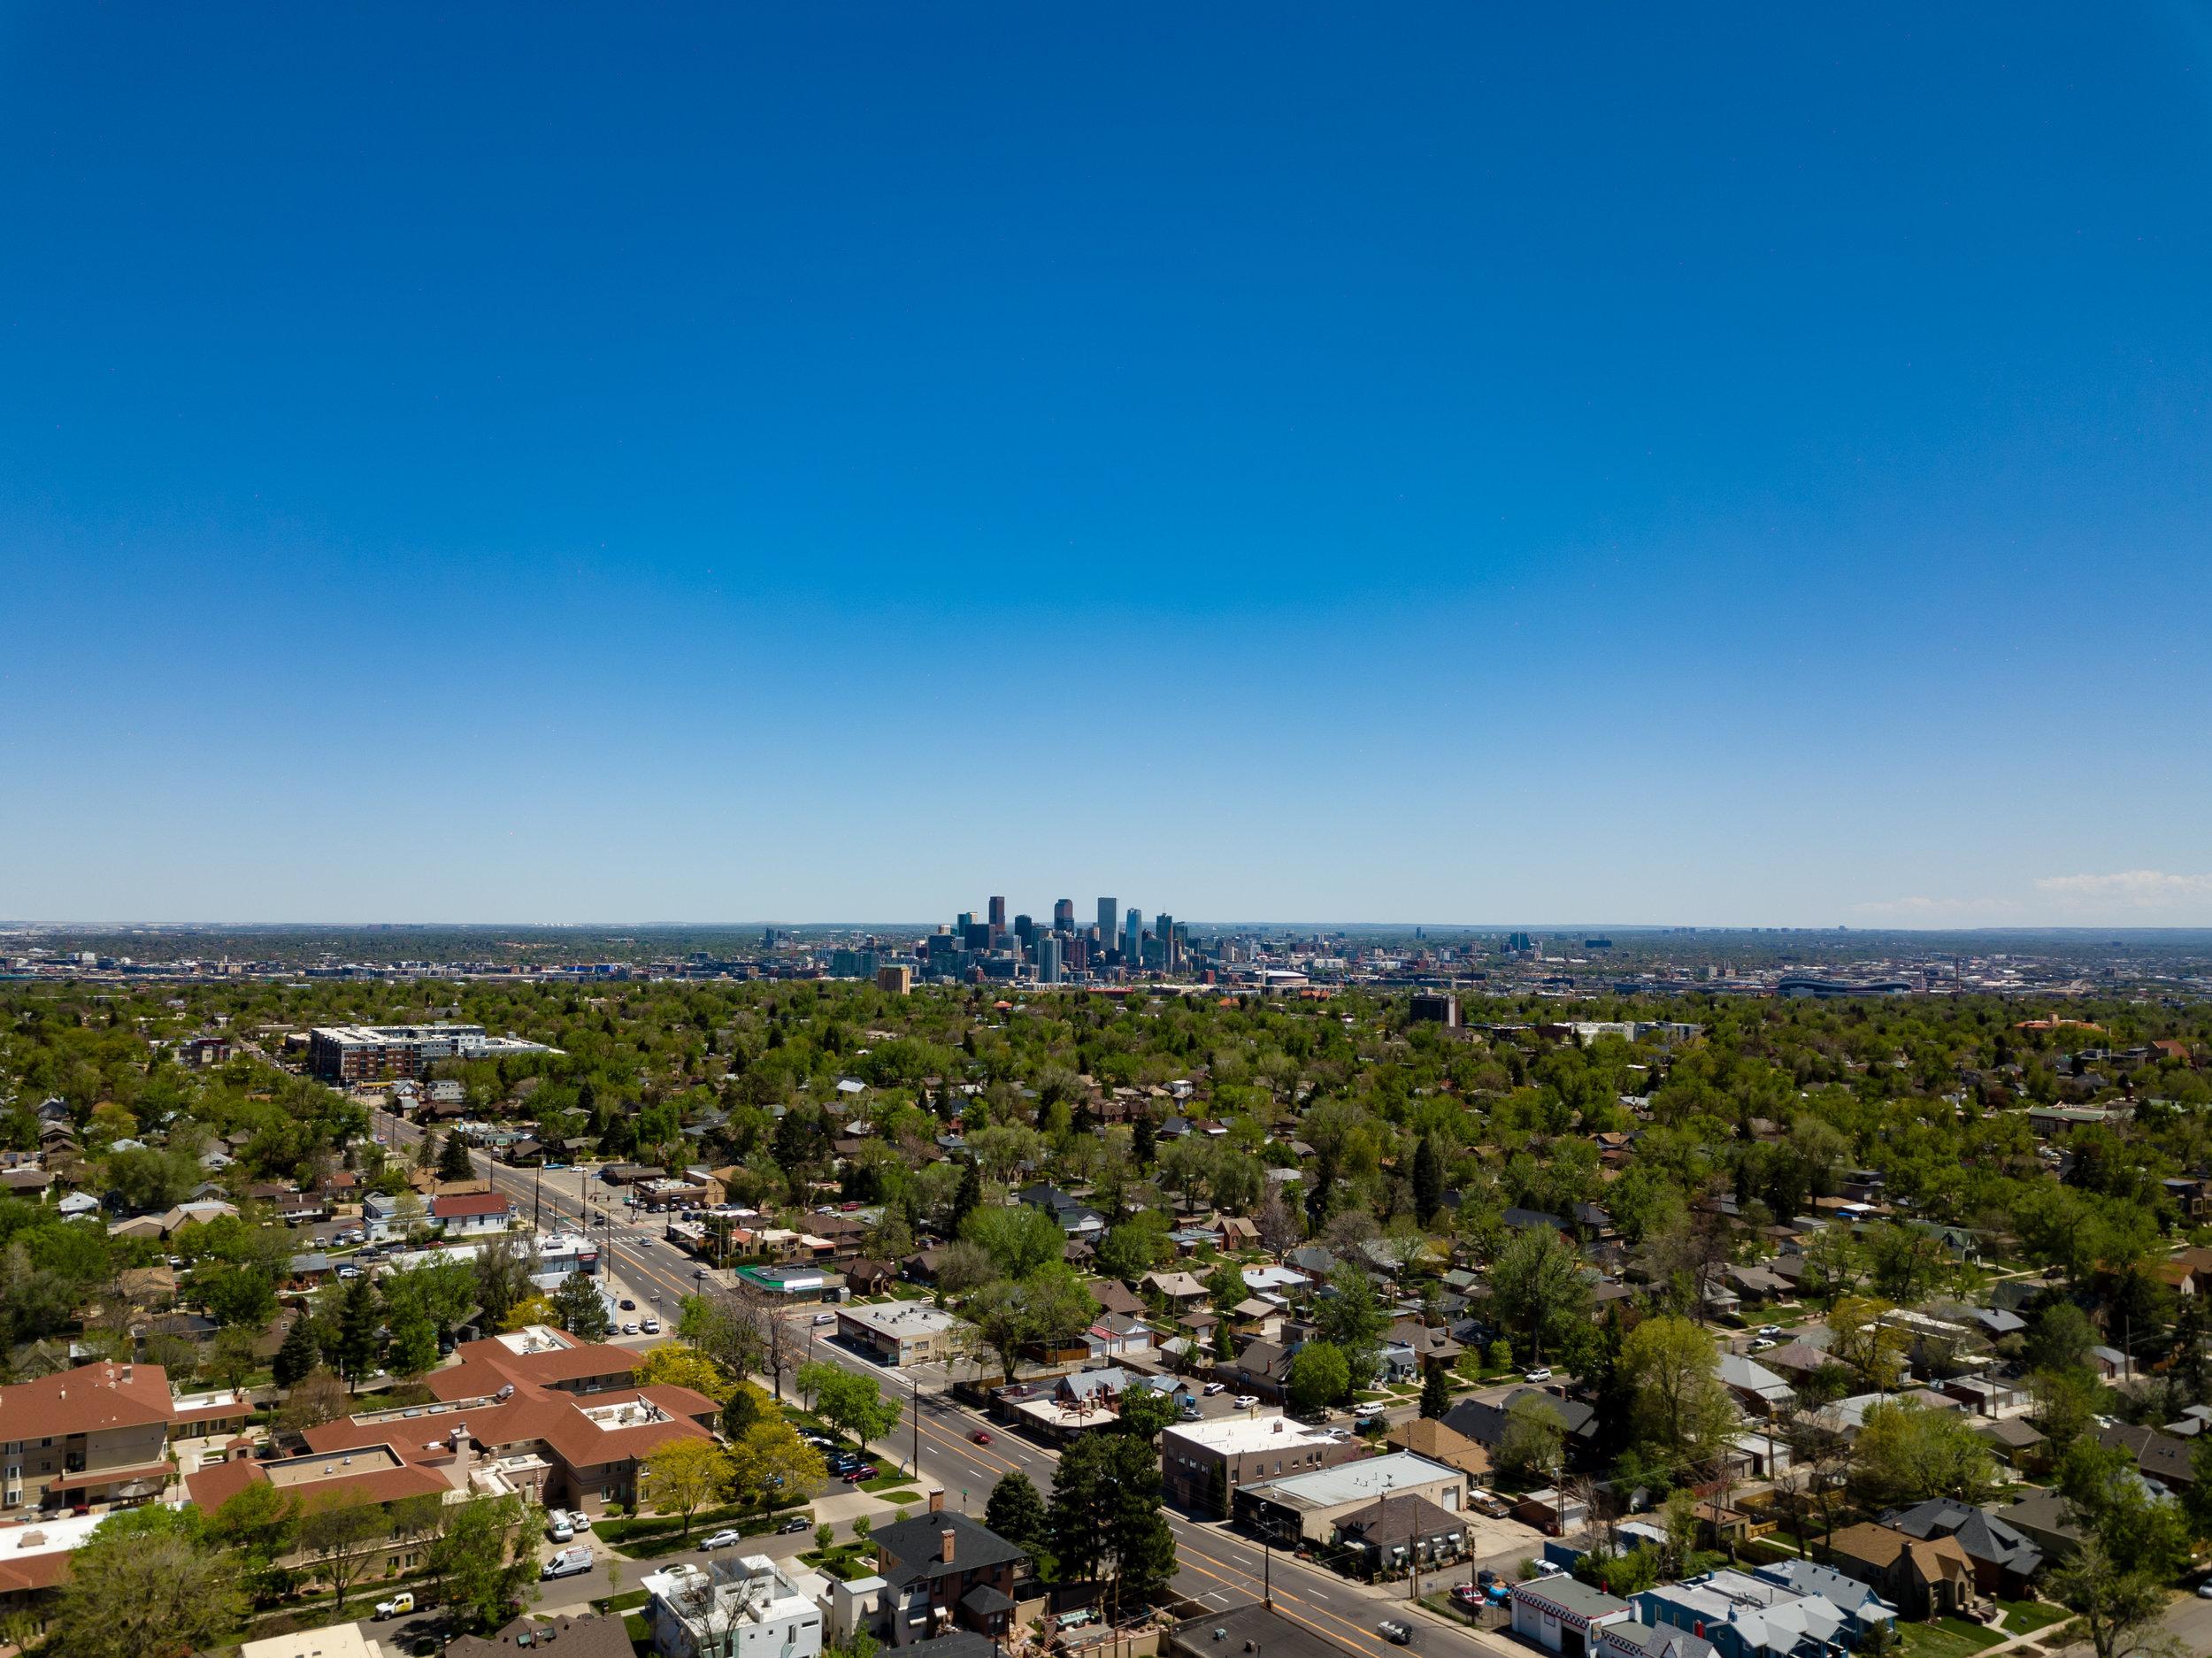 Colewood-Denver-Aerial-View_0001.JPG